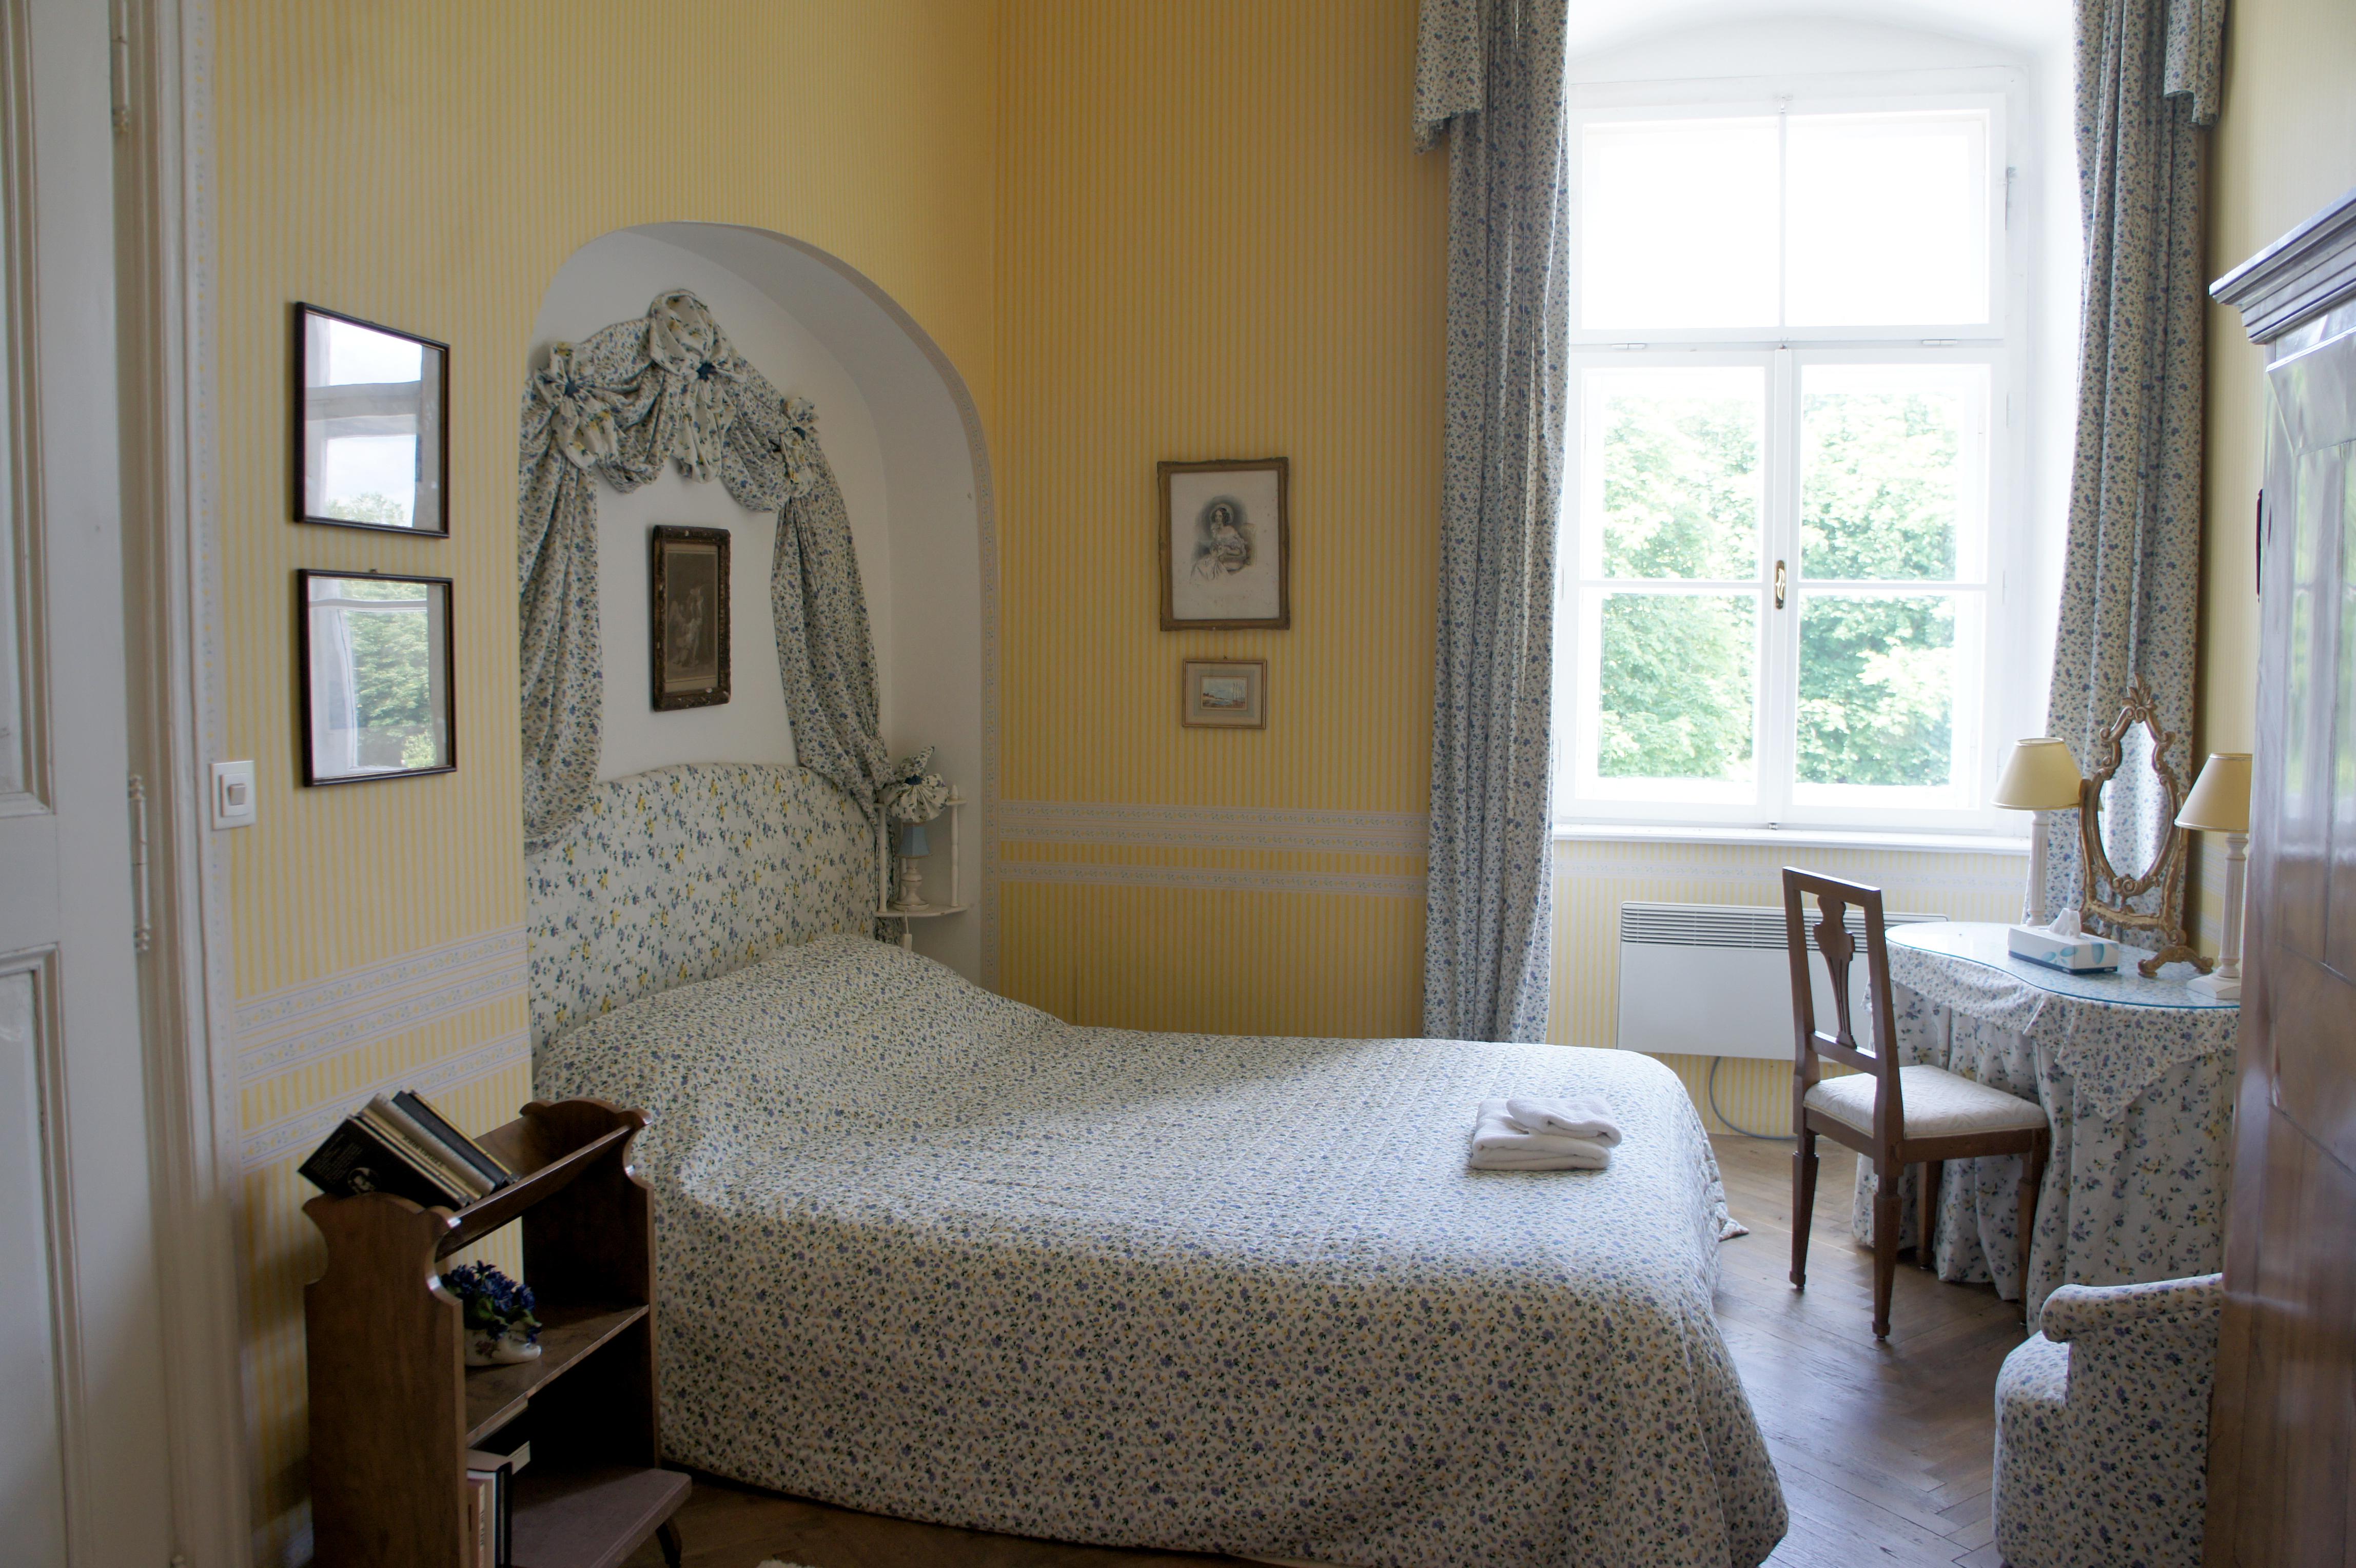 Appartement de vacances Luxuriöses, einzigartiges barockes Schloss, aufwendig eingerichtet (2306589), St. Pölten, Mostviertel, Basse Autriche, Autriche, image 13